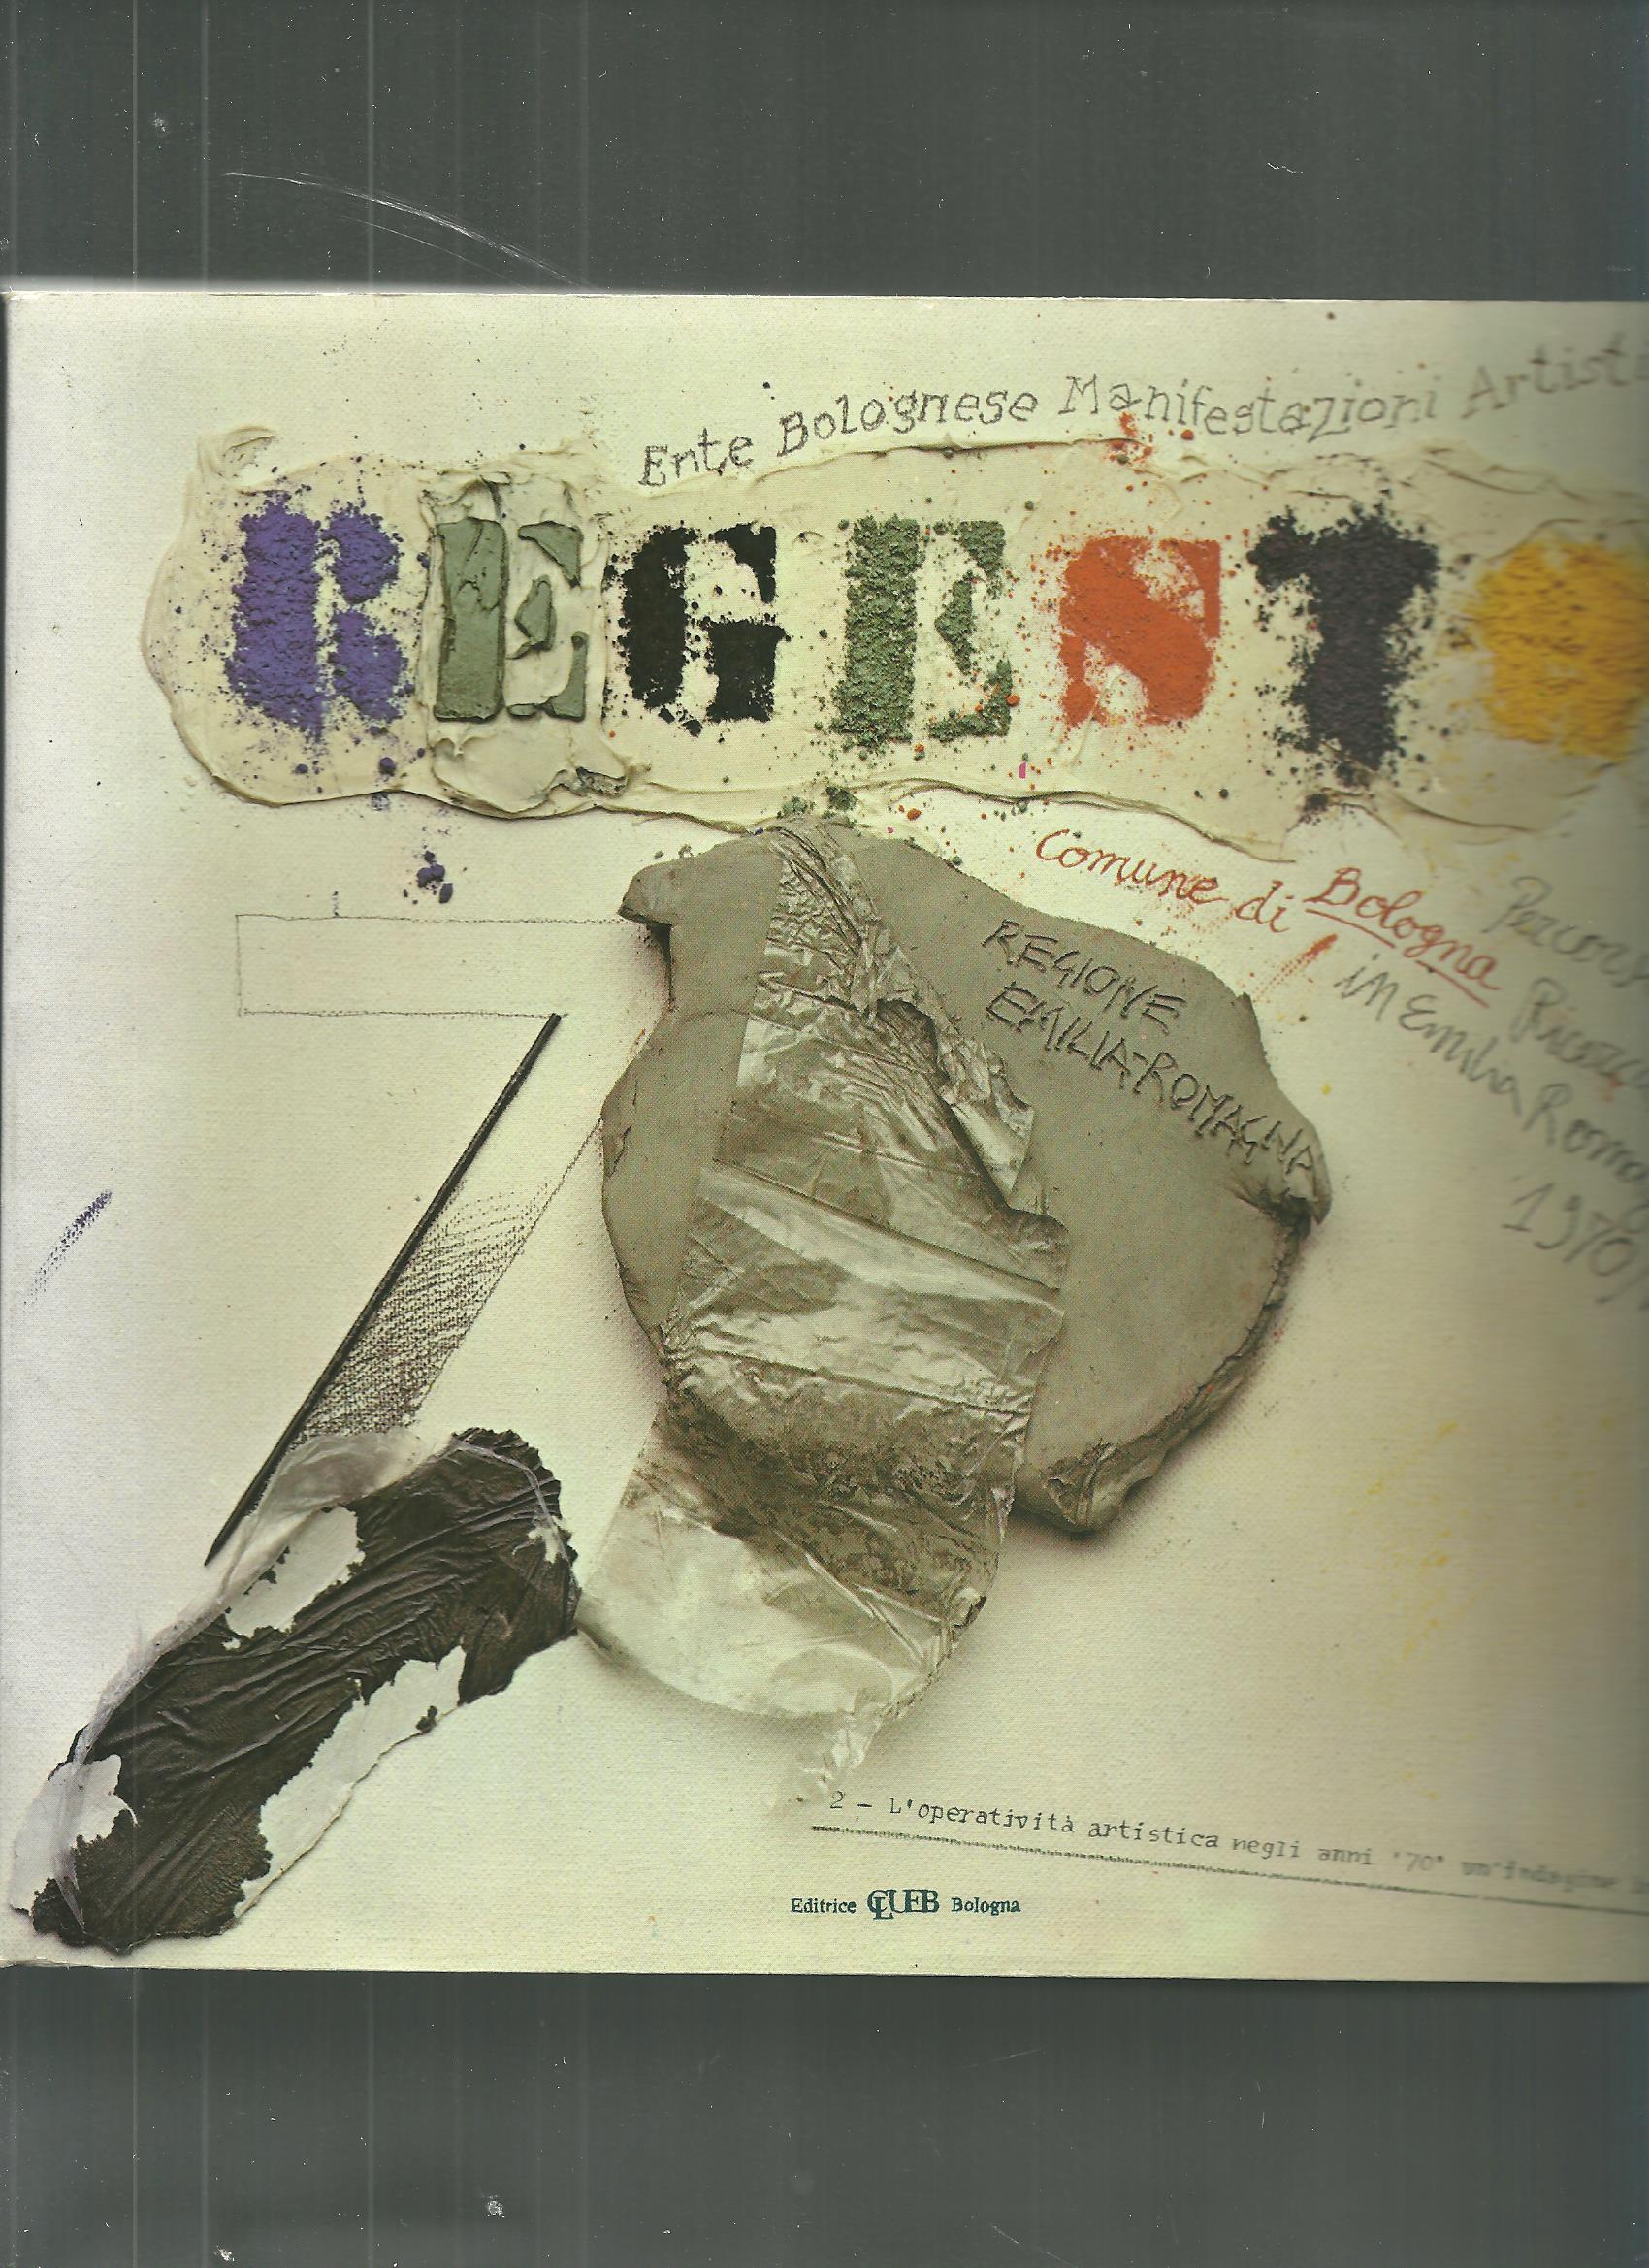 Regesto, Ente manifestazioni artistiche di Bologna (1981